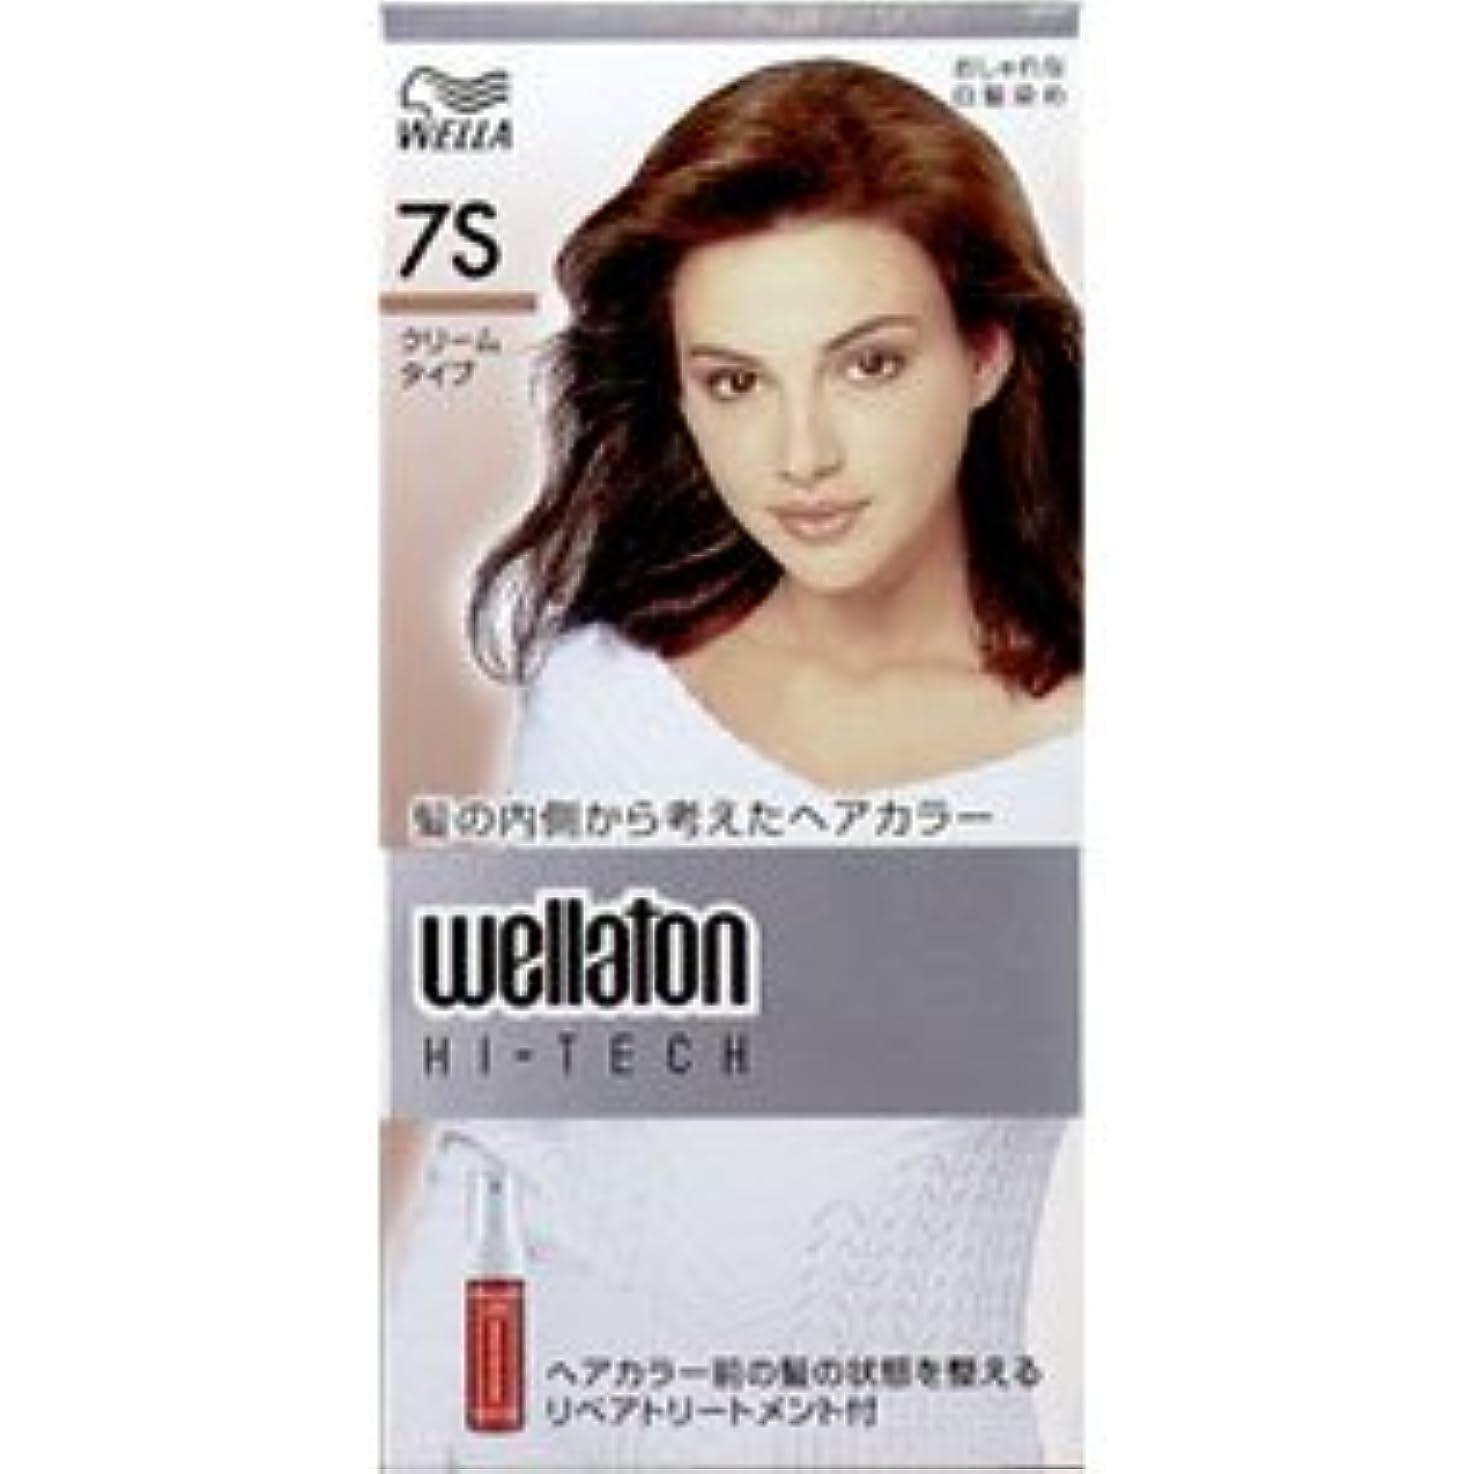 一般化するスリット巧みな【ヘアケア】P&G ウエラ ウエラトーン ハイテッククリーム 7S 透明感のある明るい栗色 (医薬部外品) 白髪染めヘアカラー(女性用)×24点セット (4902565140602)